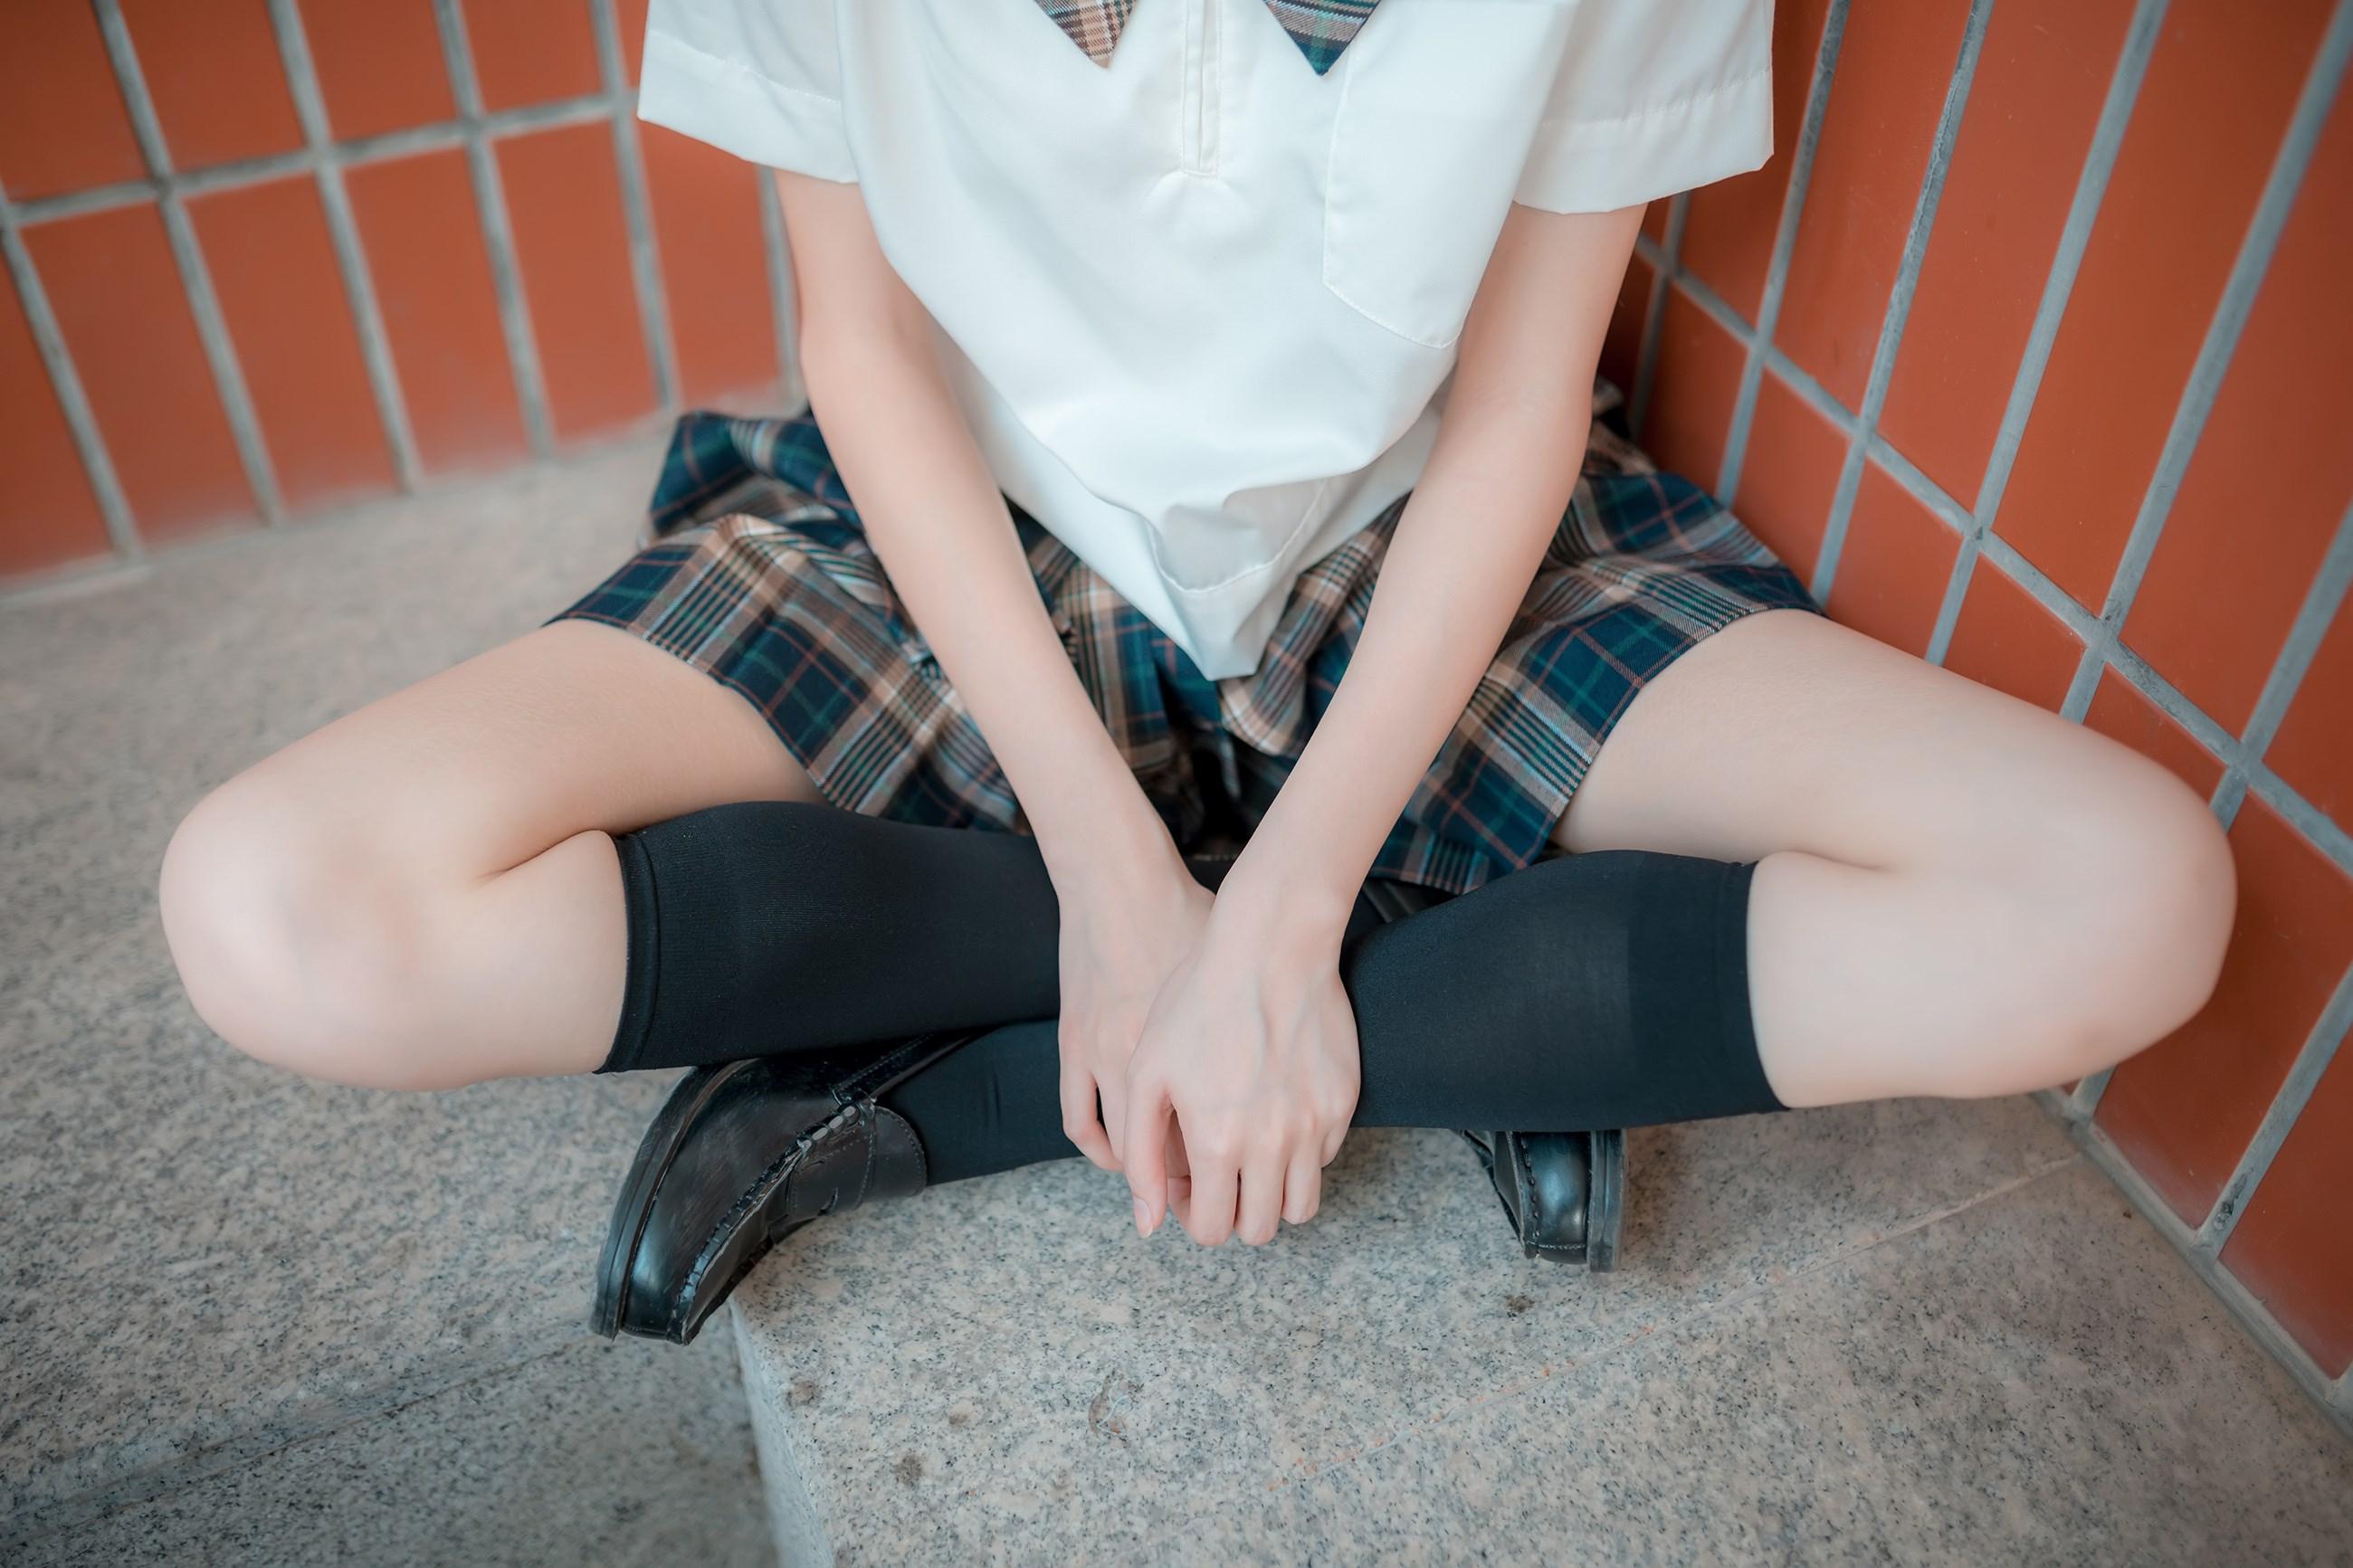 【兔玩映画】这腿超级细! 兔玩映画 第22张